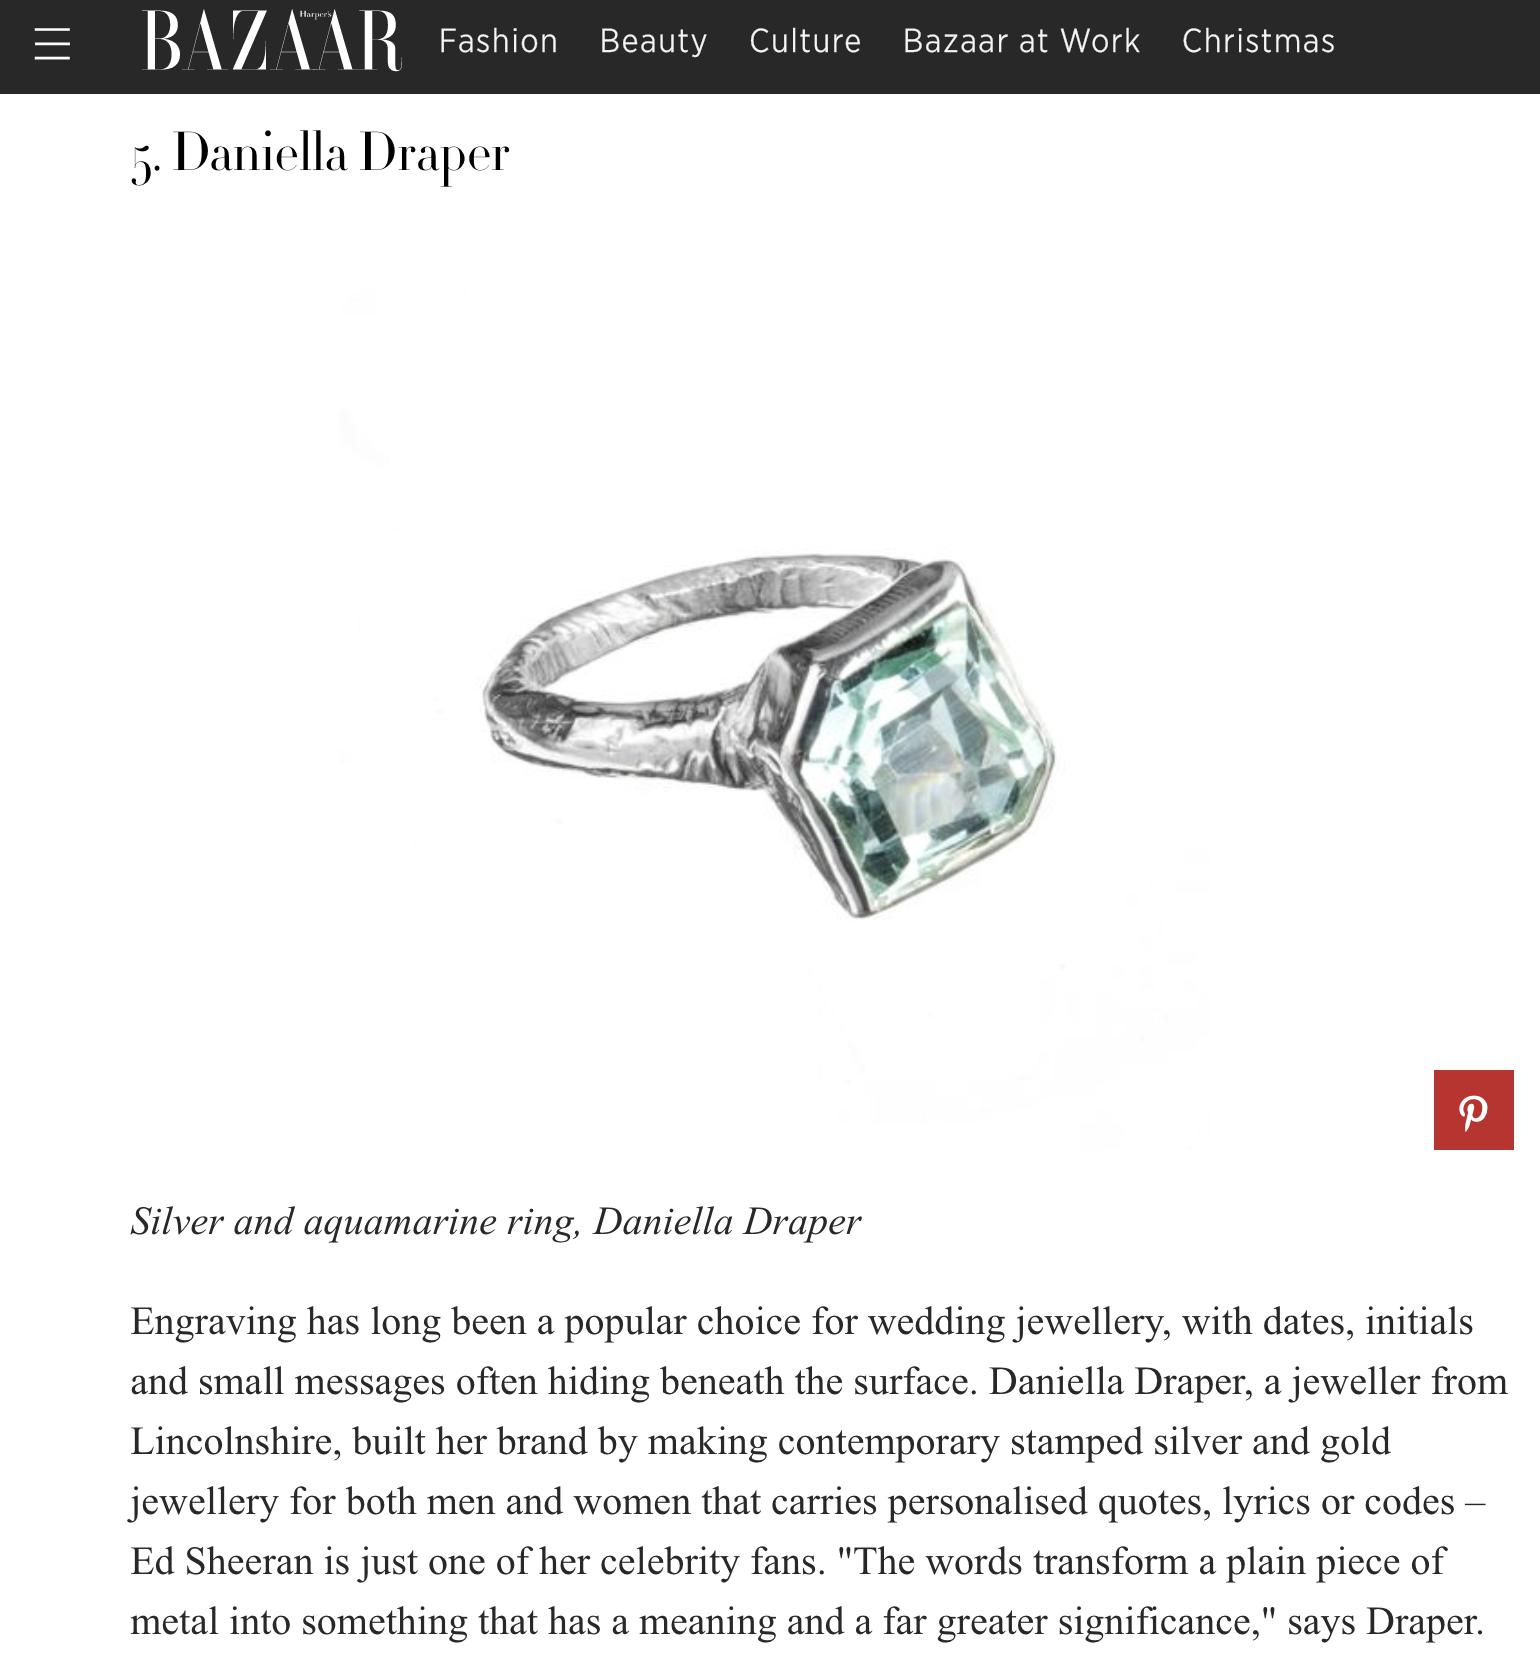 Harpers Bazaar Online